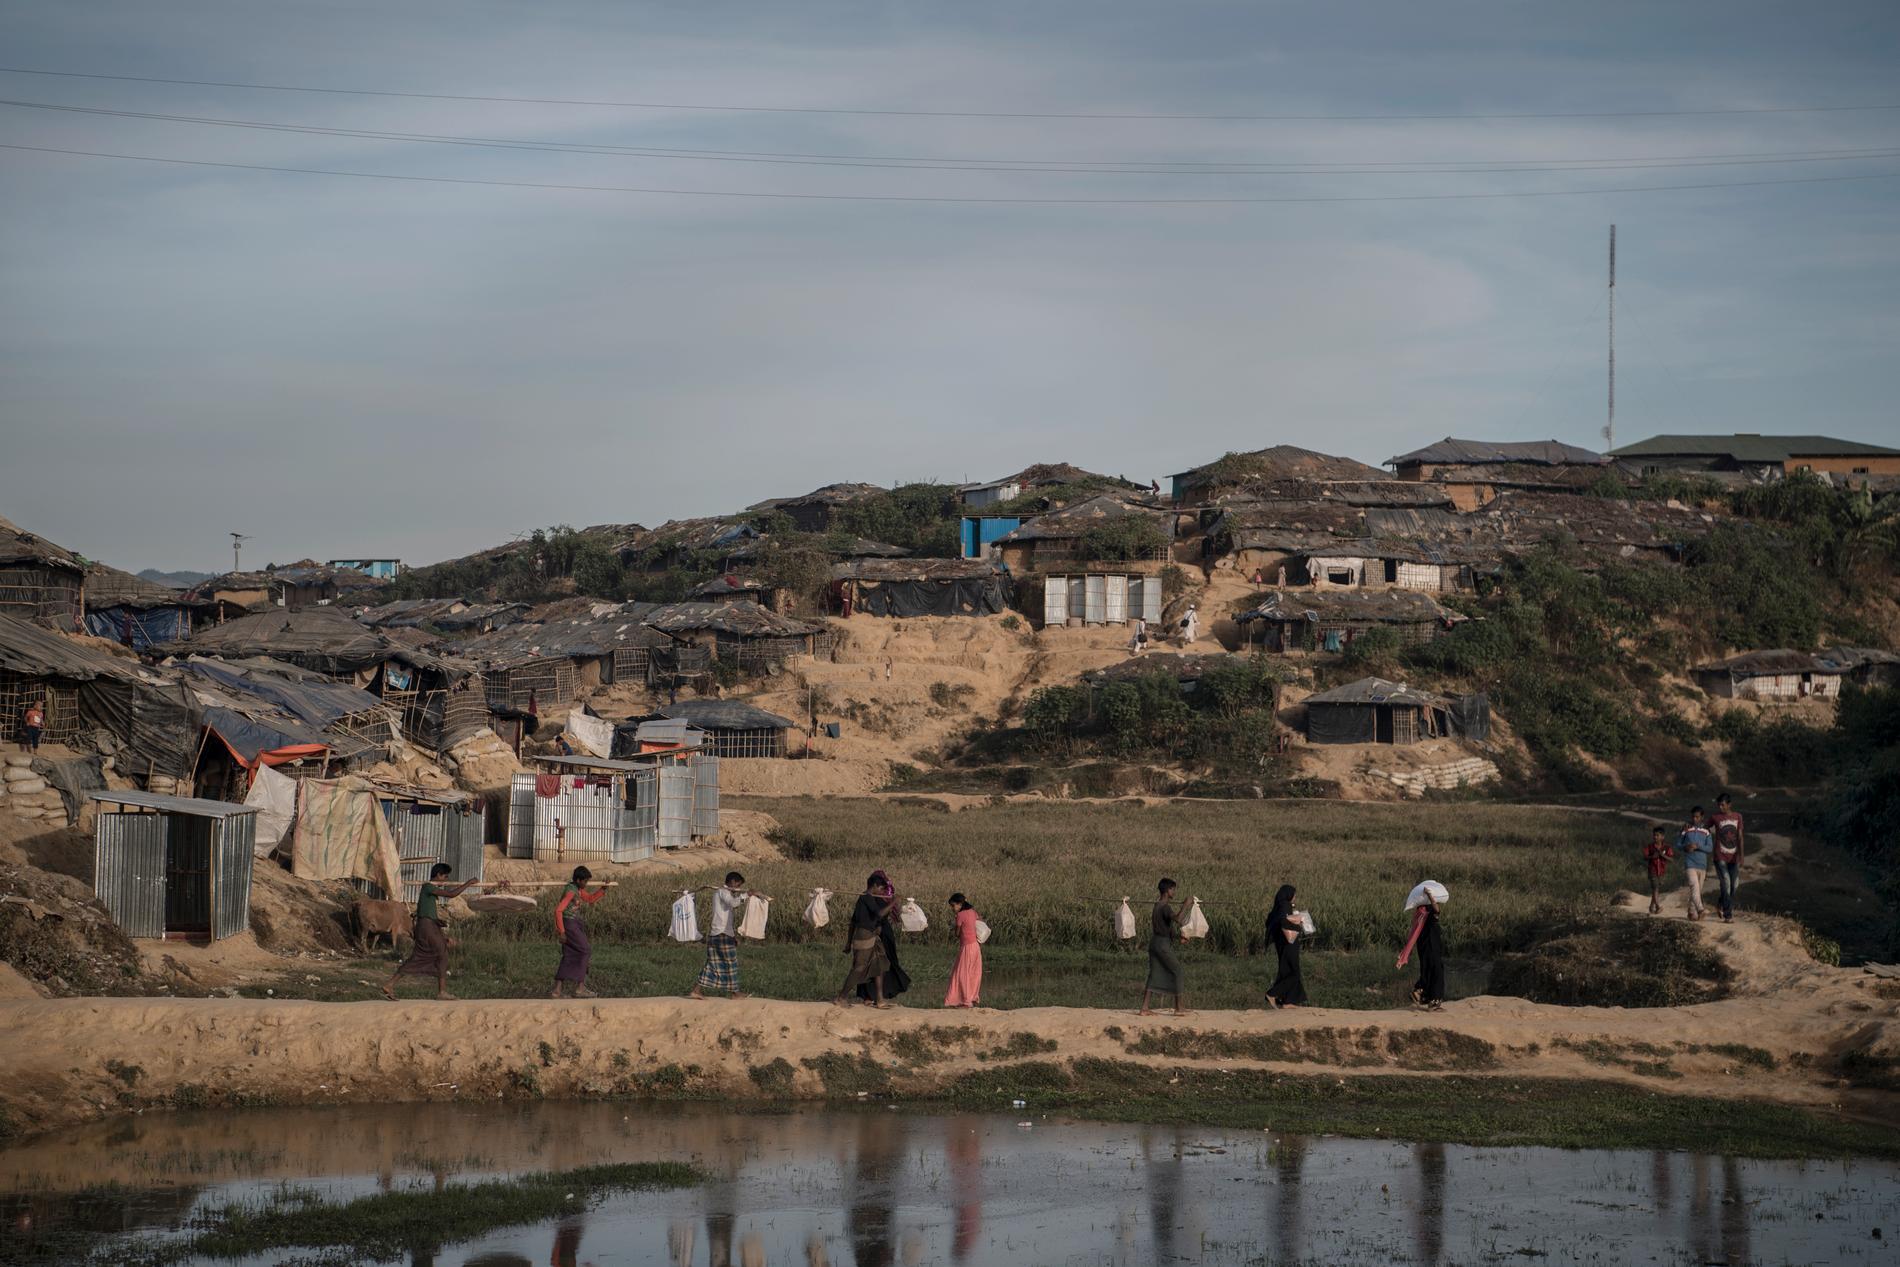 Den bergiga skogen som en gång i tiden var elefanternas promenadstråk har nu blivit ett av världens största flyktingläger och fått namnet Kutupalong. Här bor rohingyer trångt i oländig terräng. Att bära hem mat och förnödenheter från distributionscentren kan ta timmar.